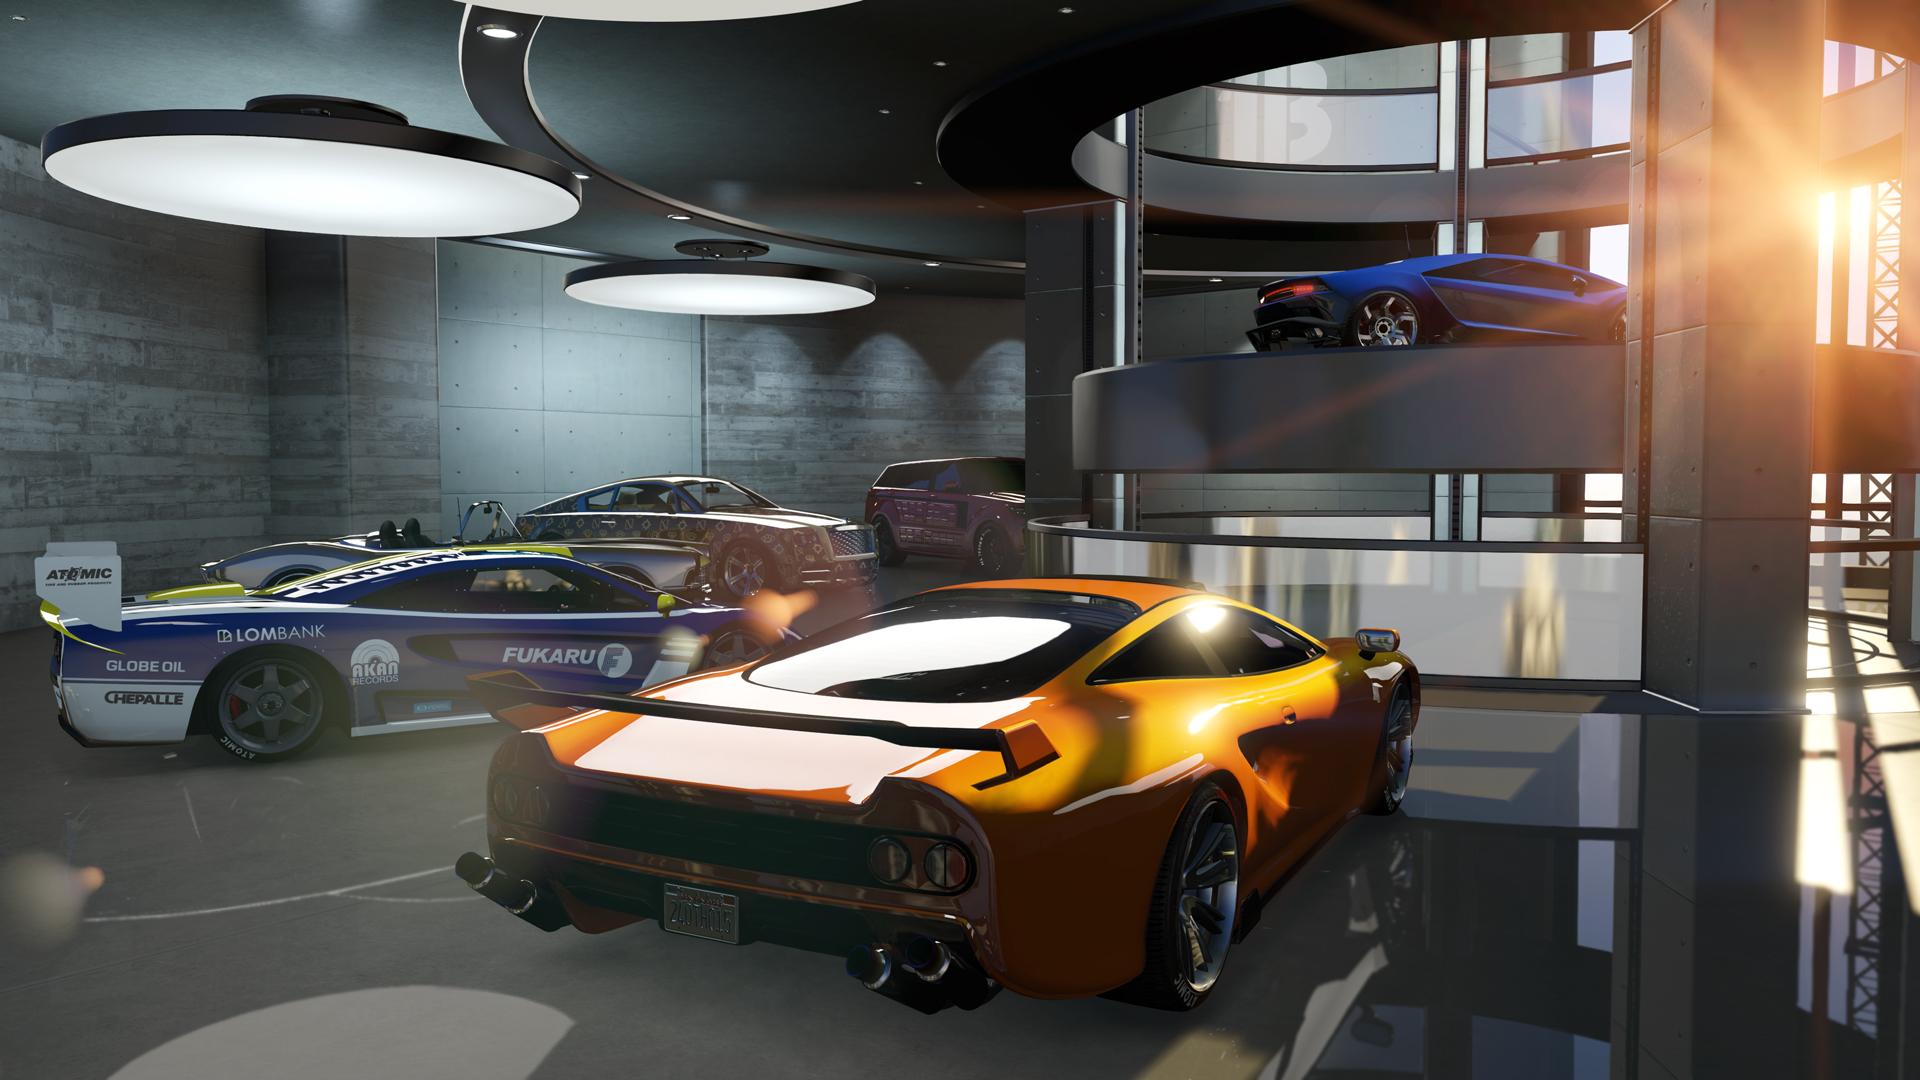 GTA: Online Import/export update